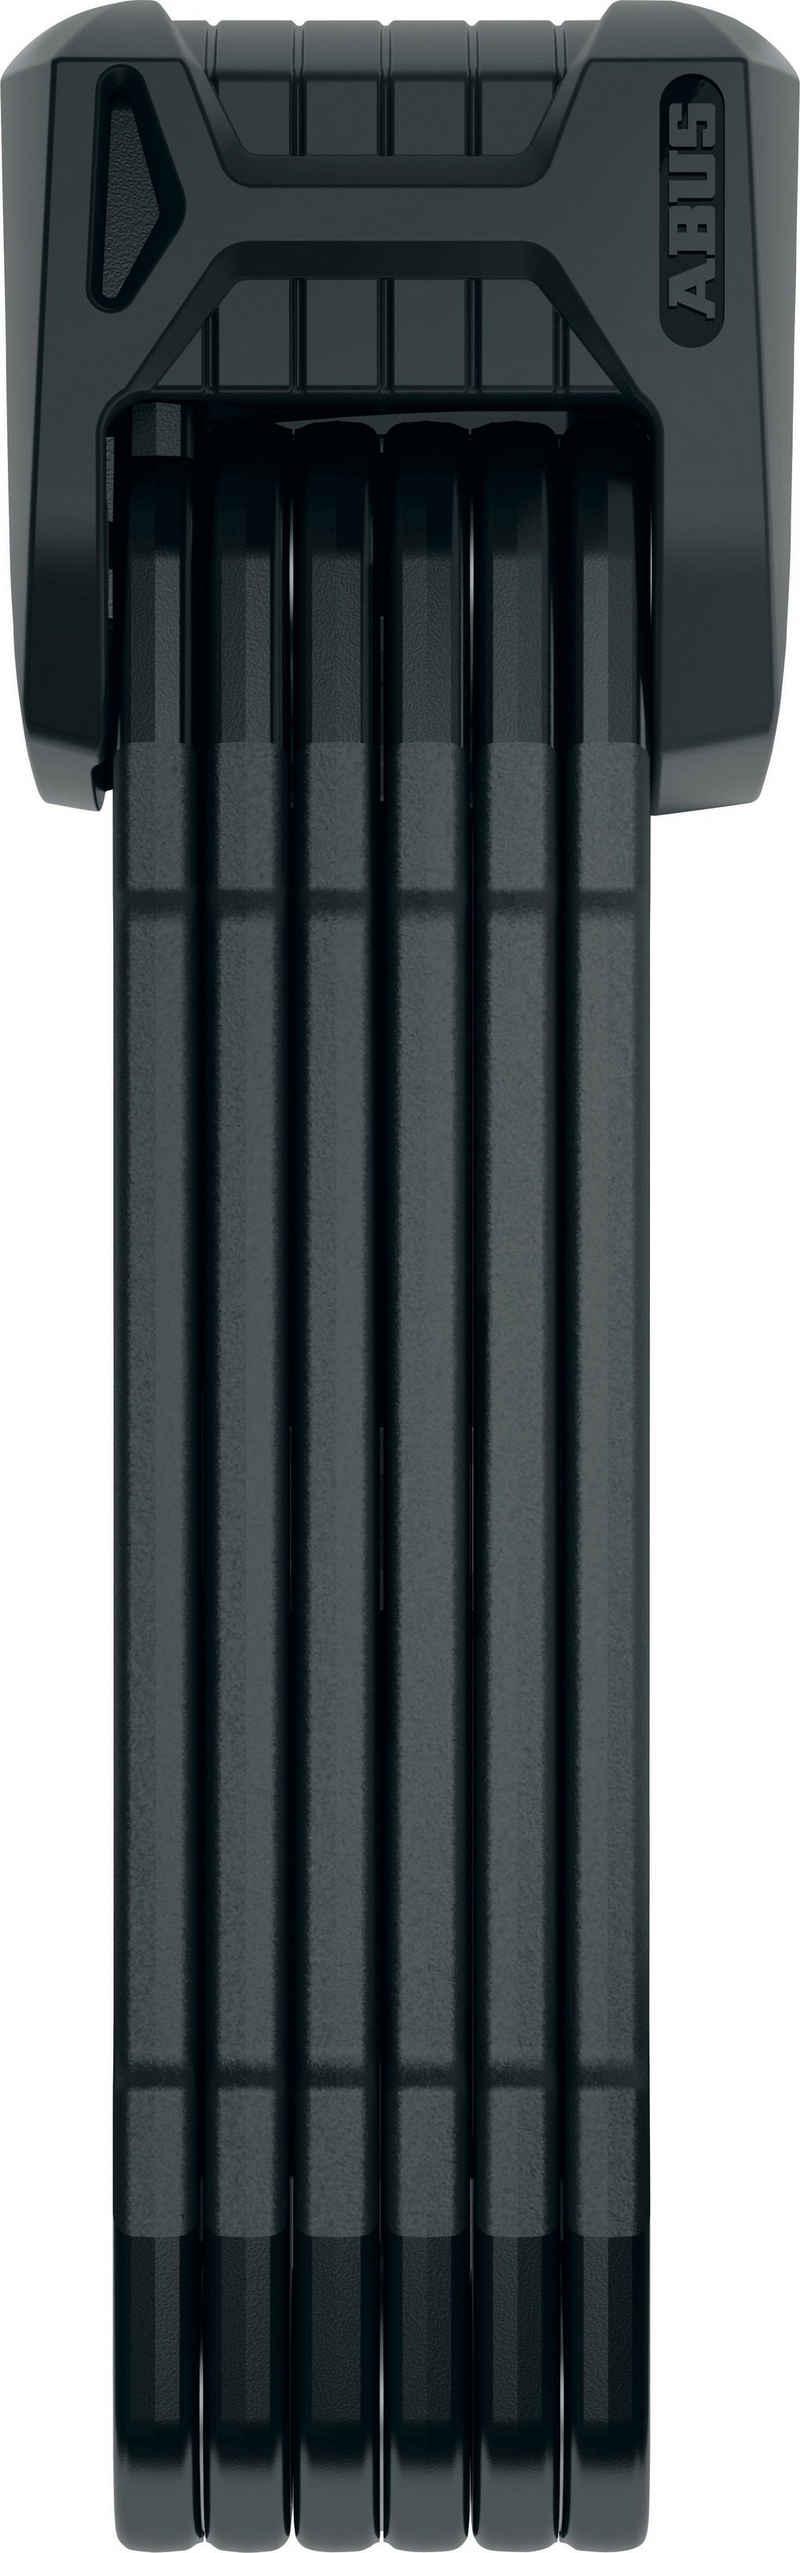 ABUS Faltschloss »6500/110 black SH«